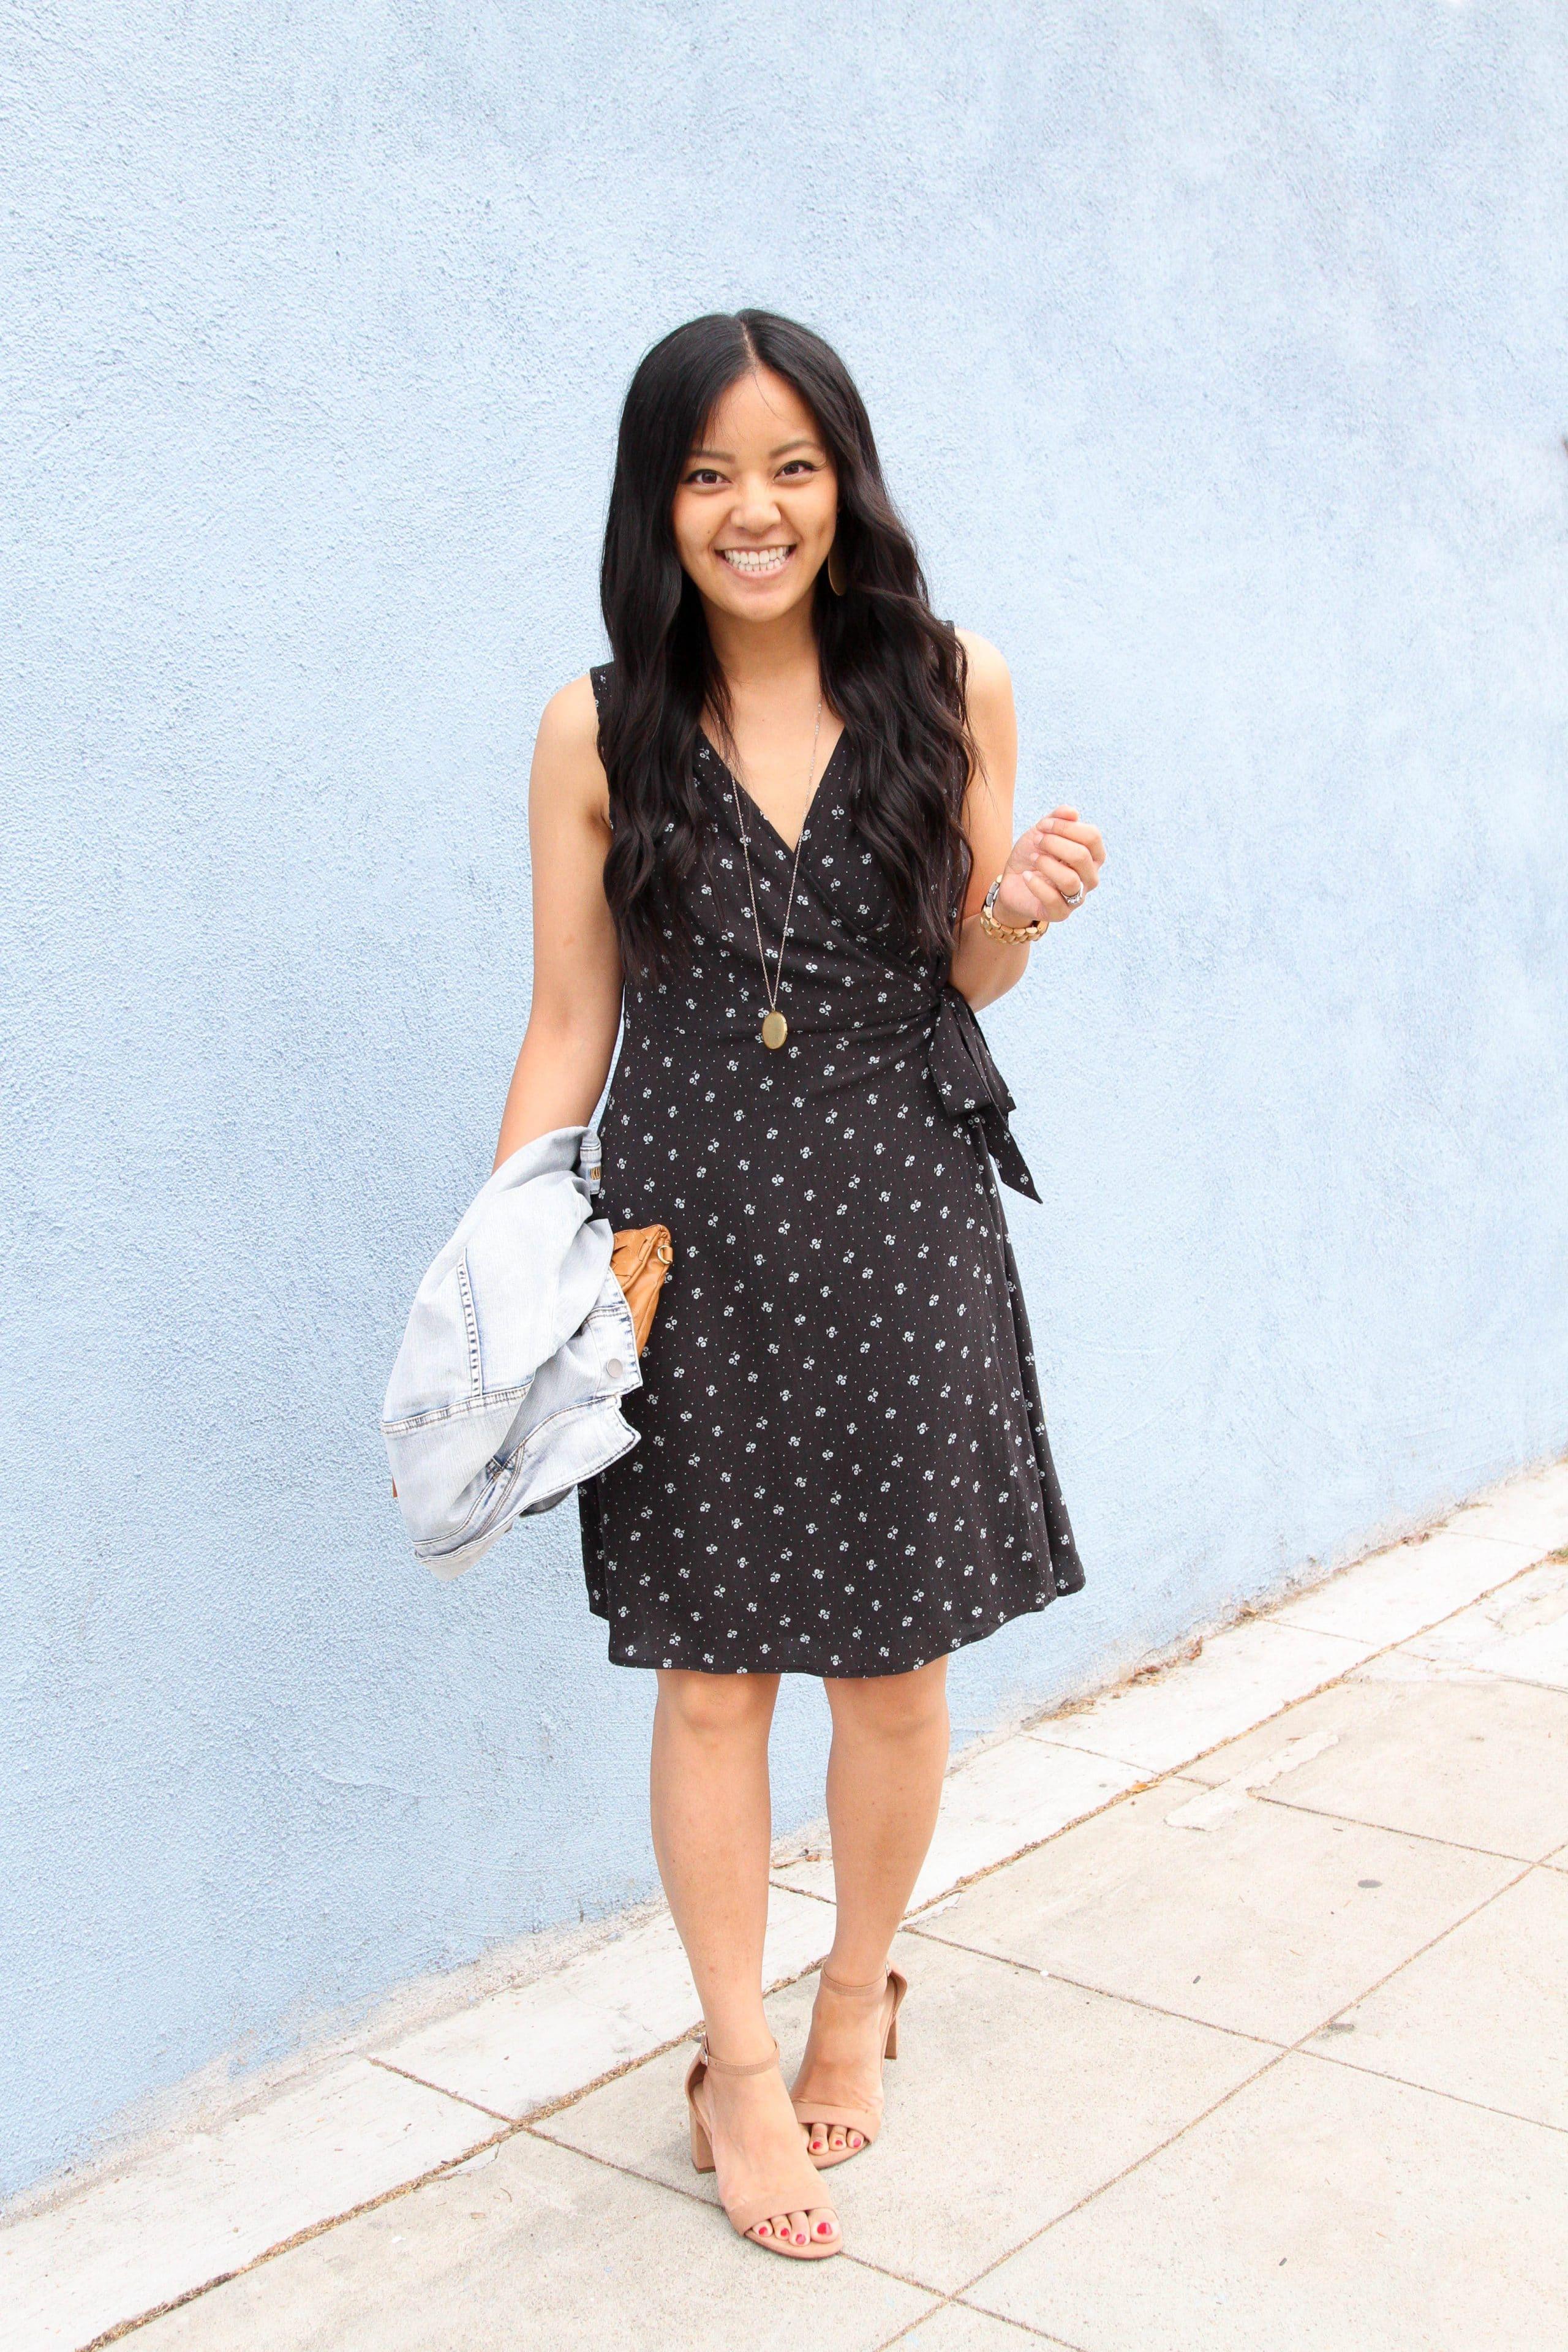 black floral wrap dress + taupe block heel sandals + pendant necklace + denim jacket + cognac clutch